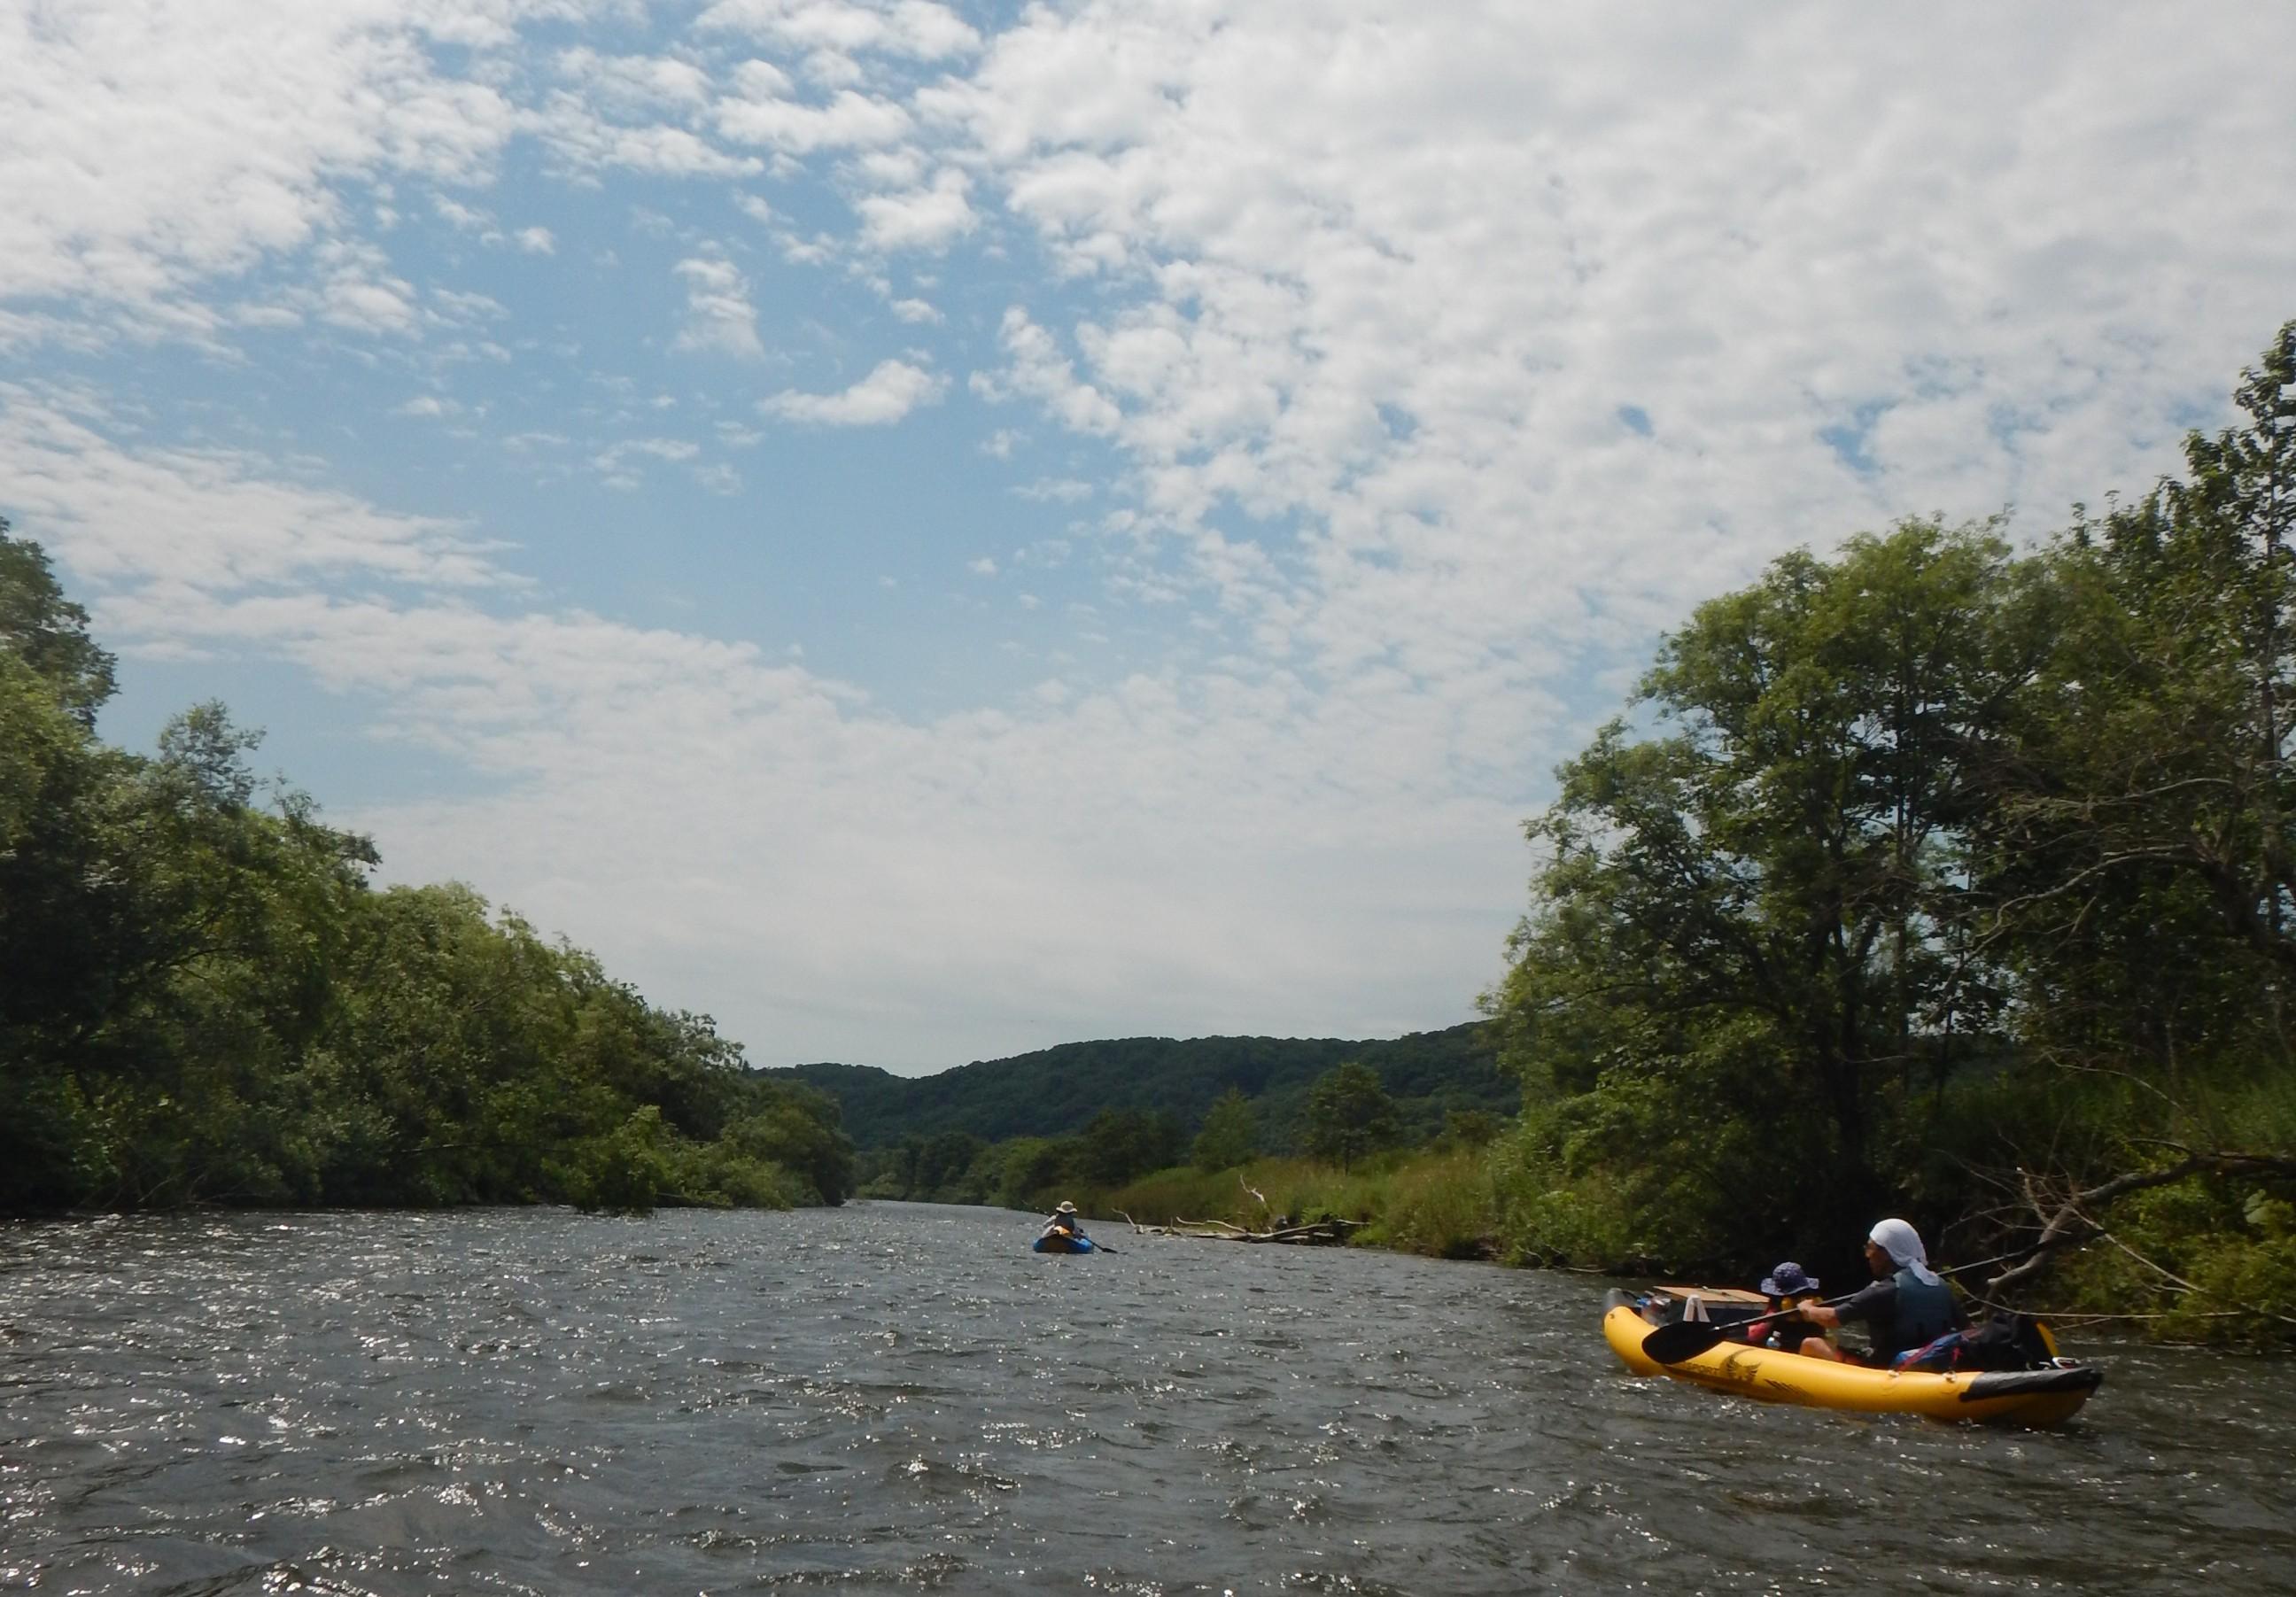 川と青空とカヌー